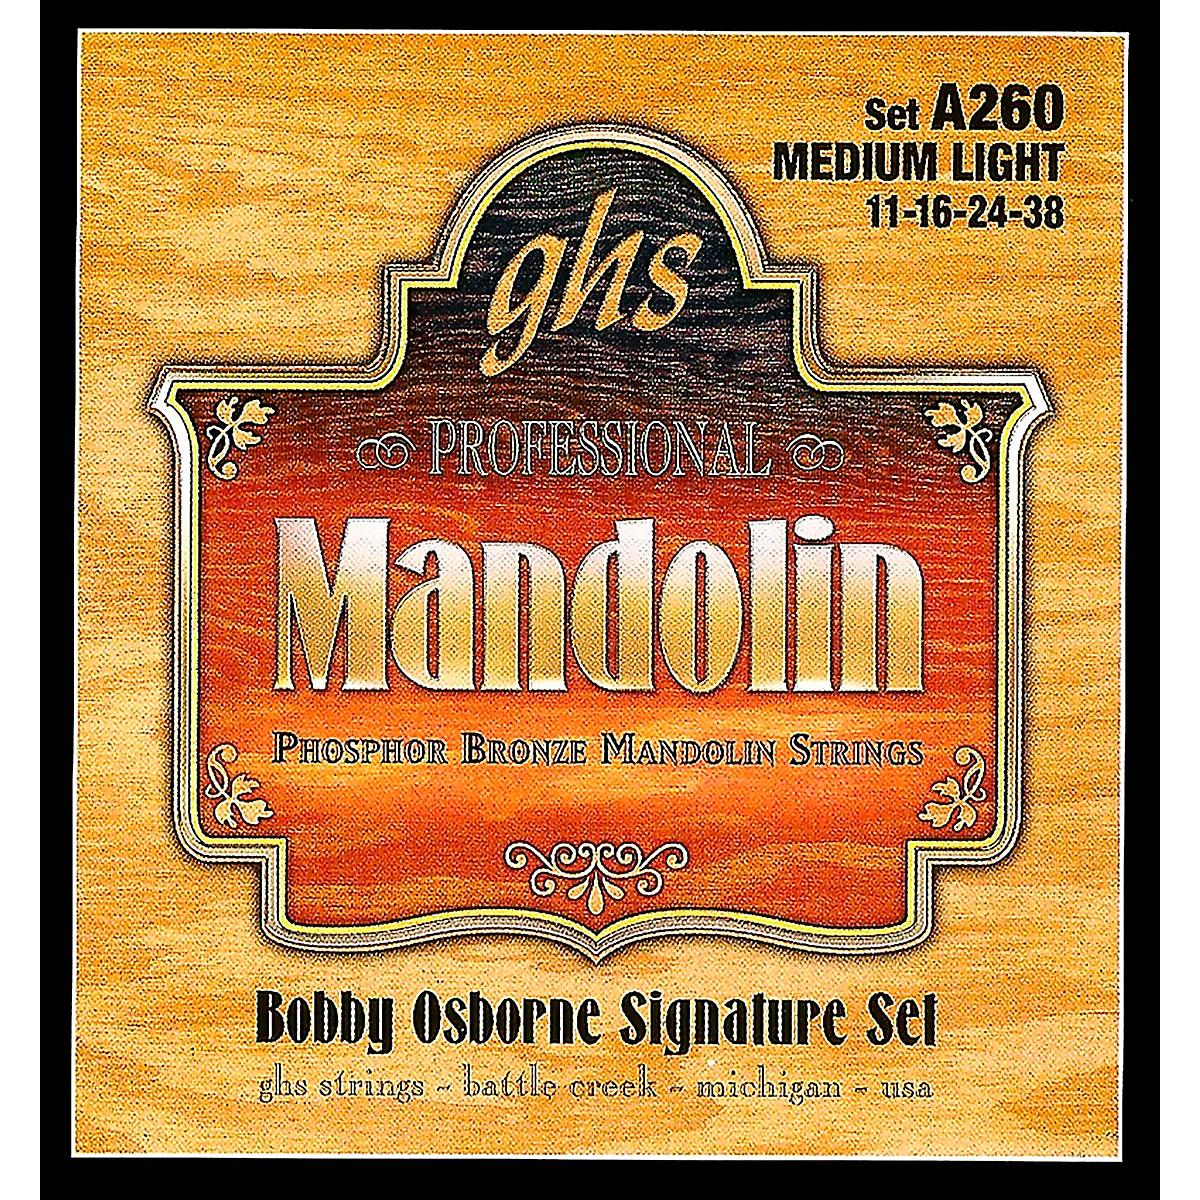 GHS Phosphor Bronze Mandolin Strings Medium Light